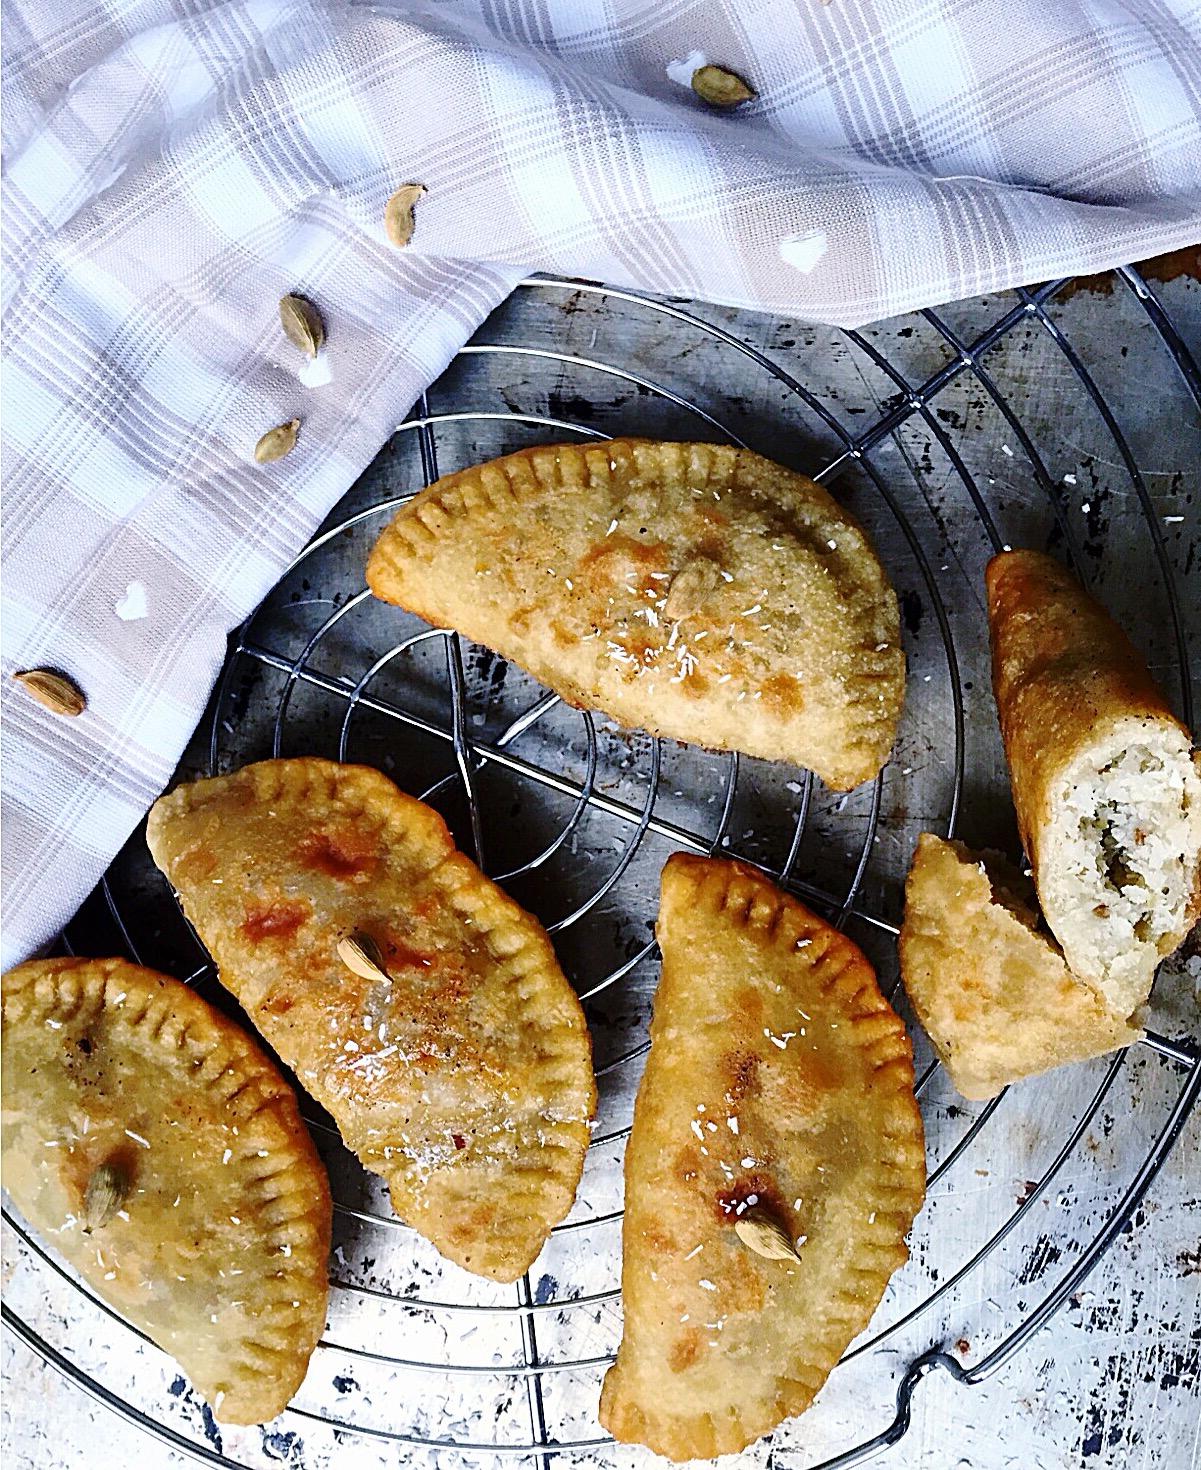 G teaux patates chaussons de patate douce blanche fourr s la noix de coco et parfum s la - Recette patate douce blanche ...